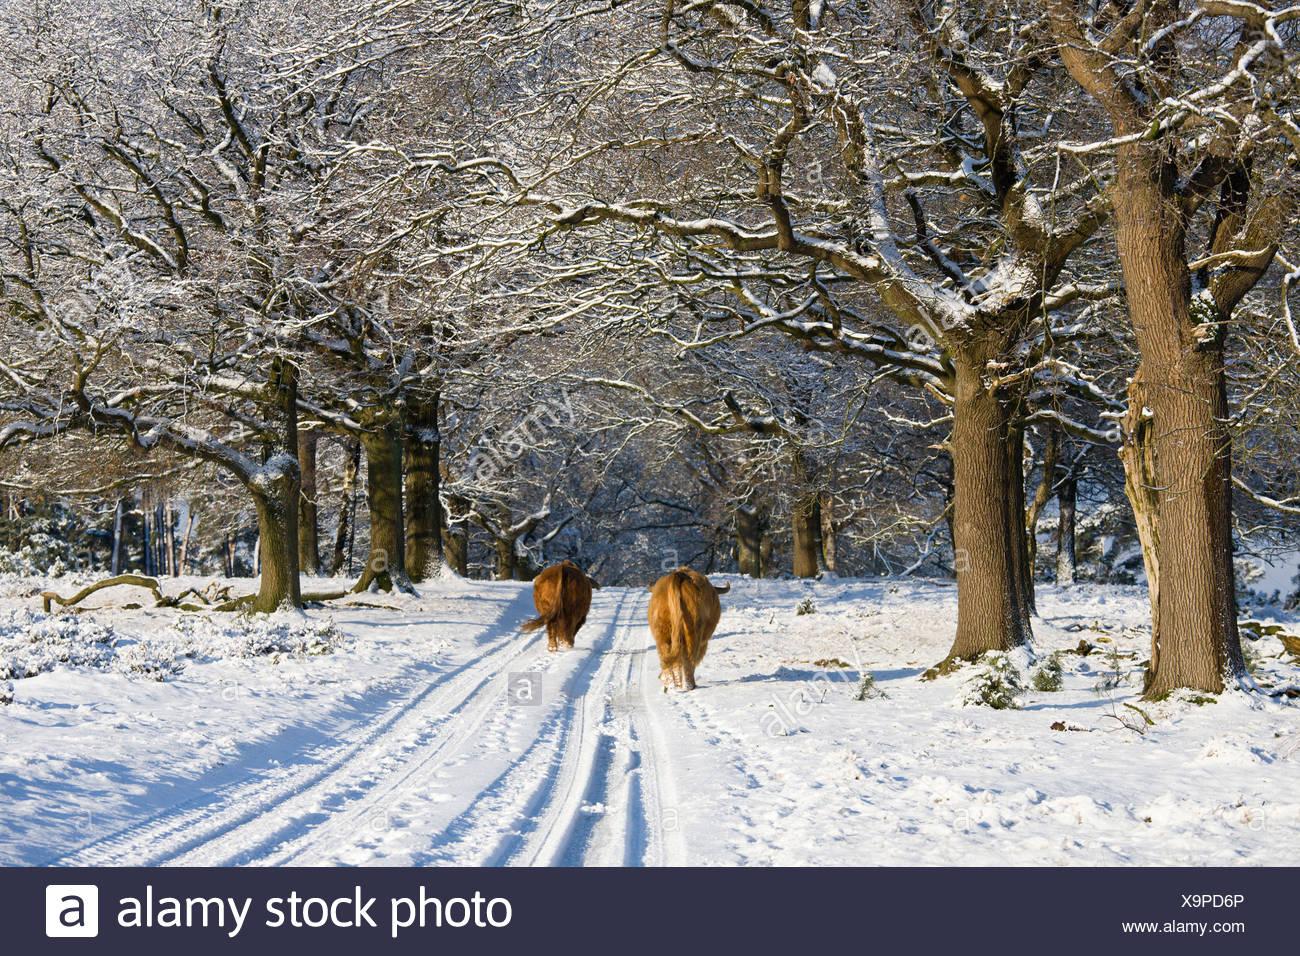 Schotse hooglanders lopen over besneeuwd bospad, highland cattle walking on snowy trail Stock Photo